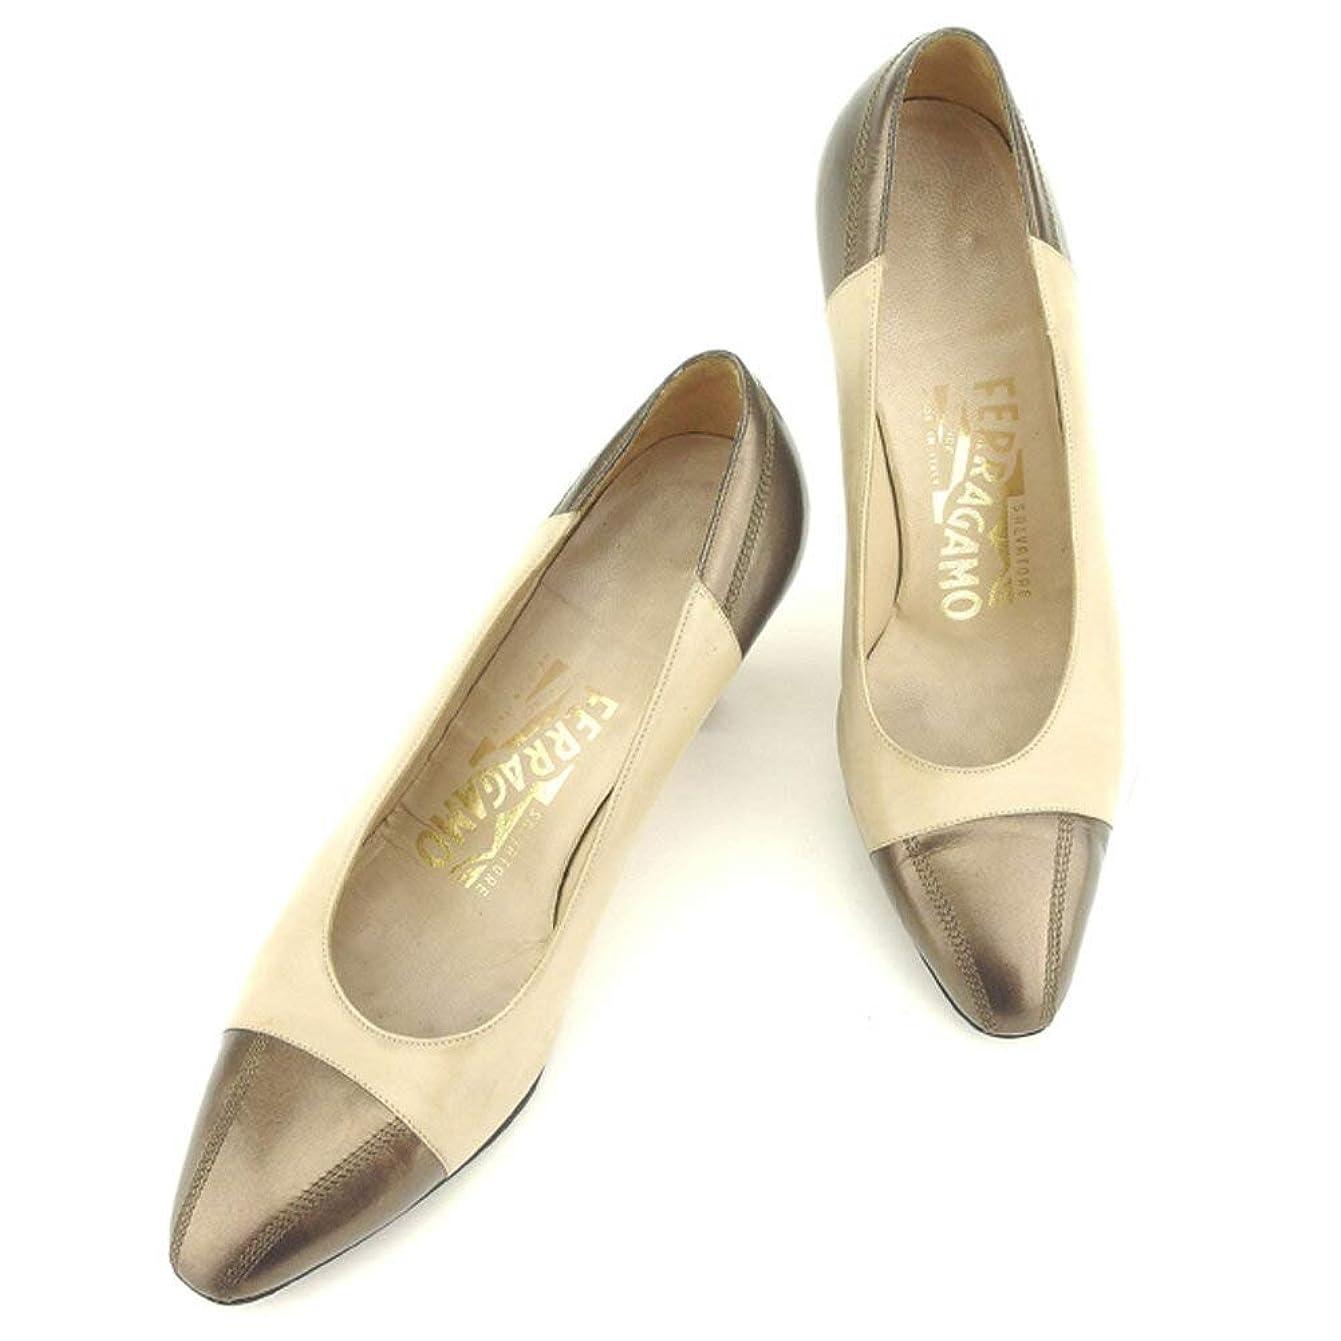 ナサニエル区意味する潜在的な[サルヴァトーレ フェラガモ] パンプス シューズ 靴 ベージュ ブラウン バイカラー レディース H629